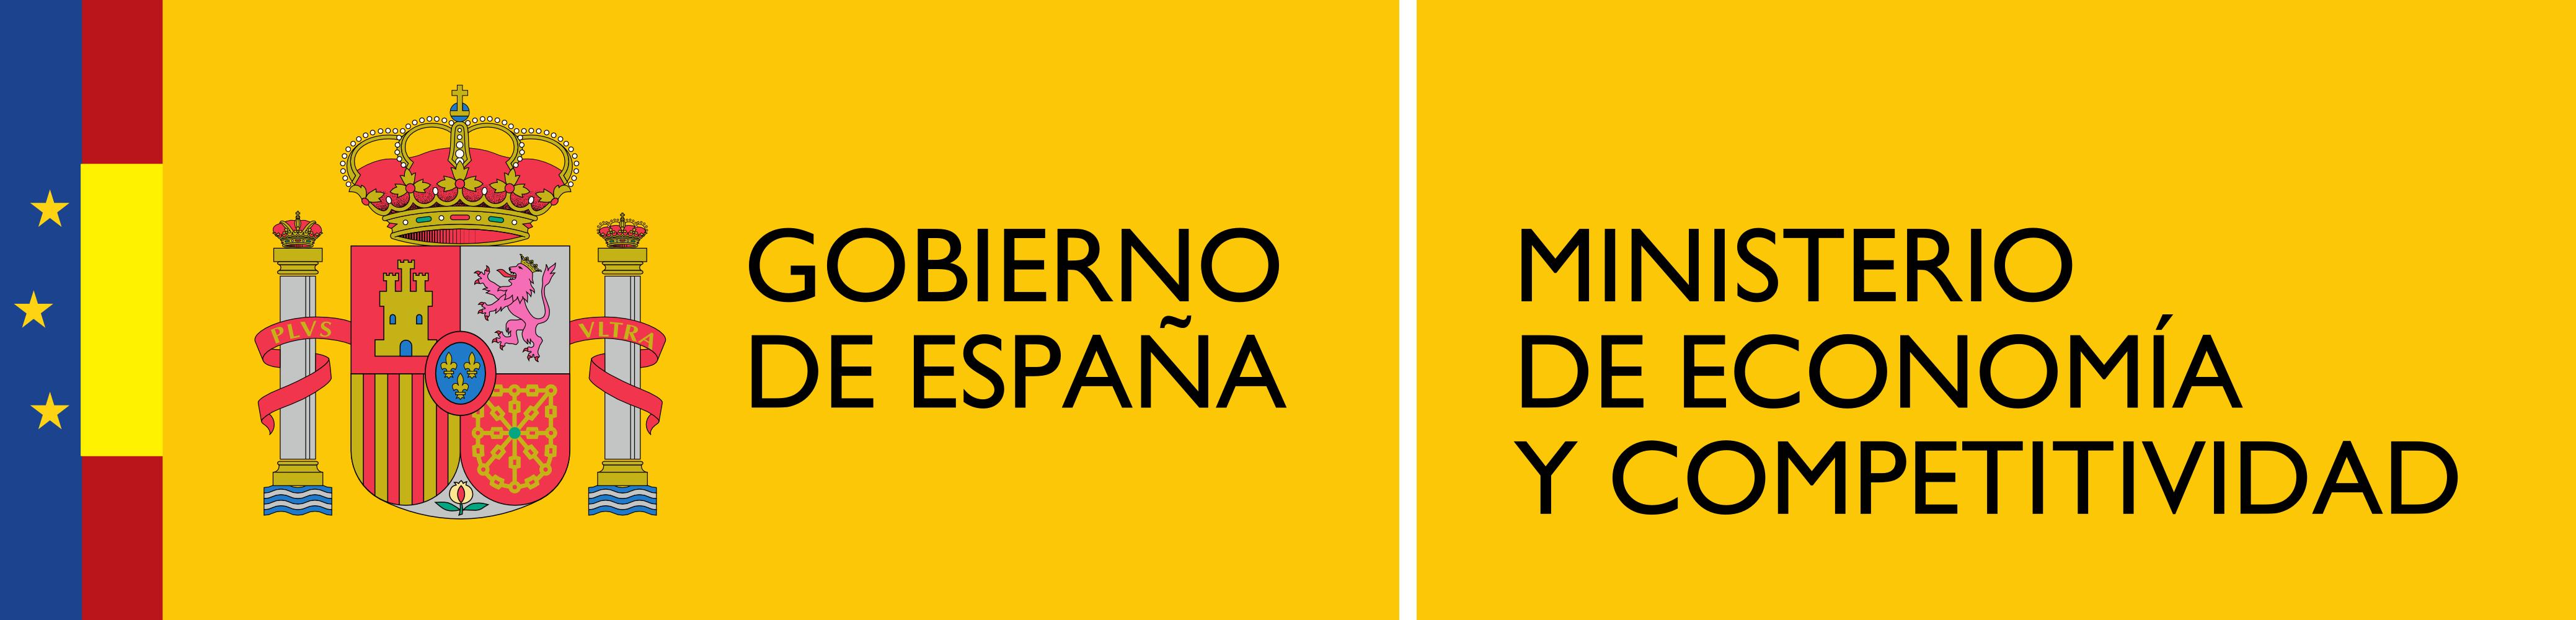 [P-003] María del Mar Julios Reyes (GPMx-CC) al Ministro de Economía y Competitividad, sobre las medidas llevadas a cabo para reducir el paro en las Islas Canarias. Logotipo_del_Ministerio_de_Econom%C3%ADa_y_Competitividad